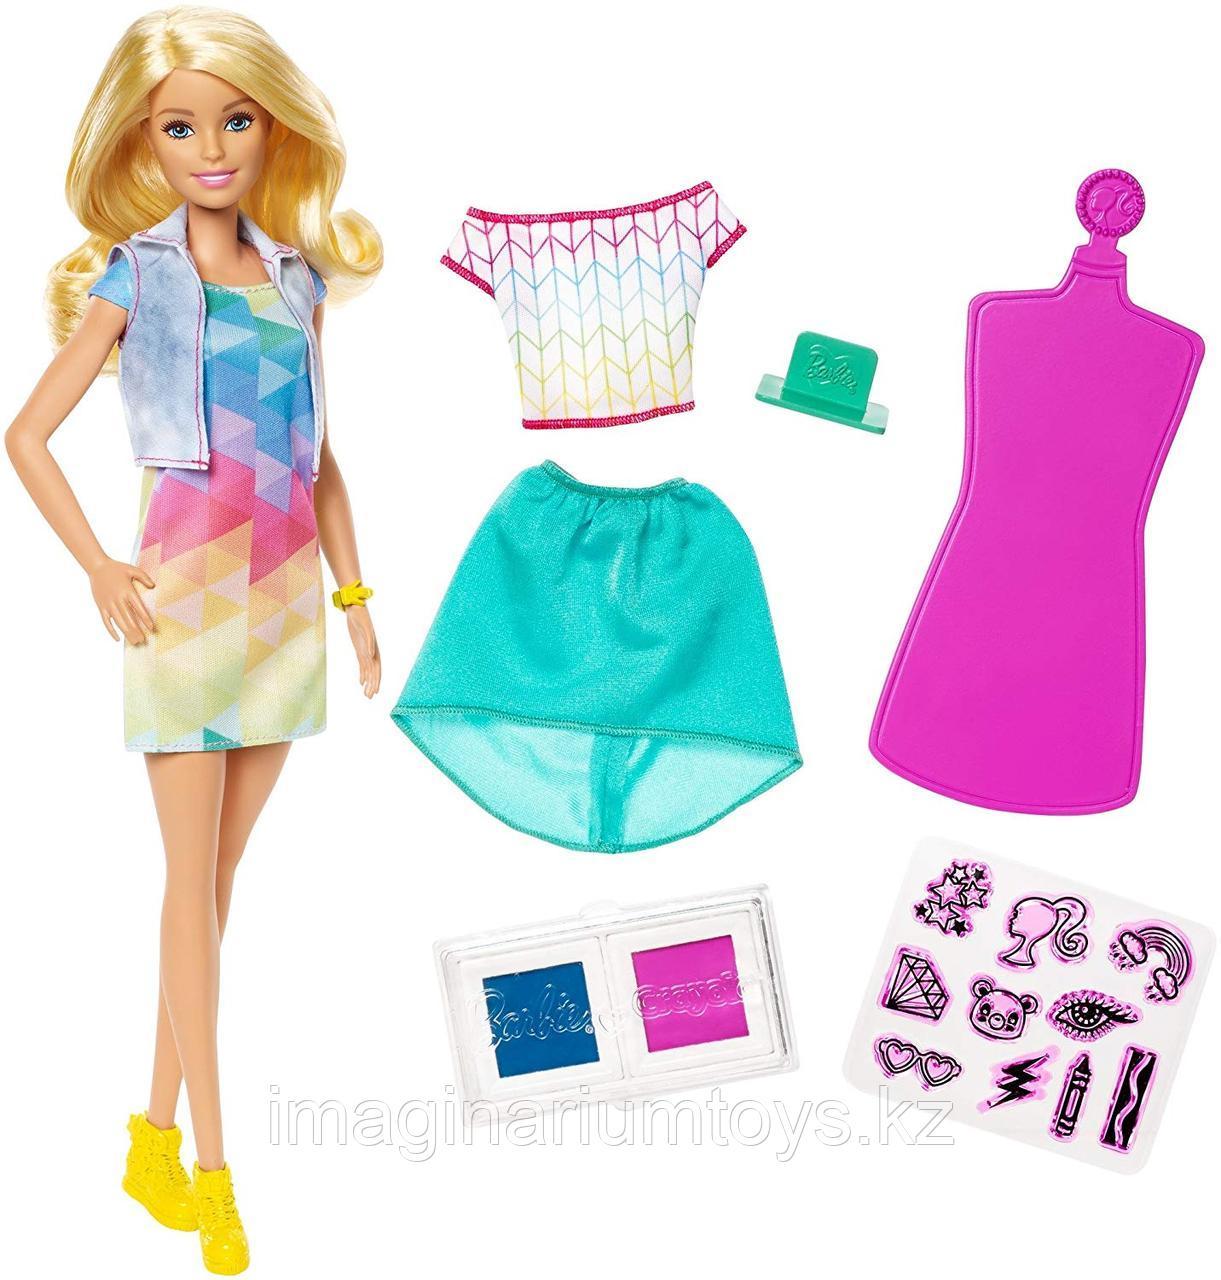 Кукла Барби модница с комплектом одежды Crayola